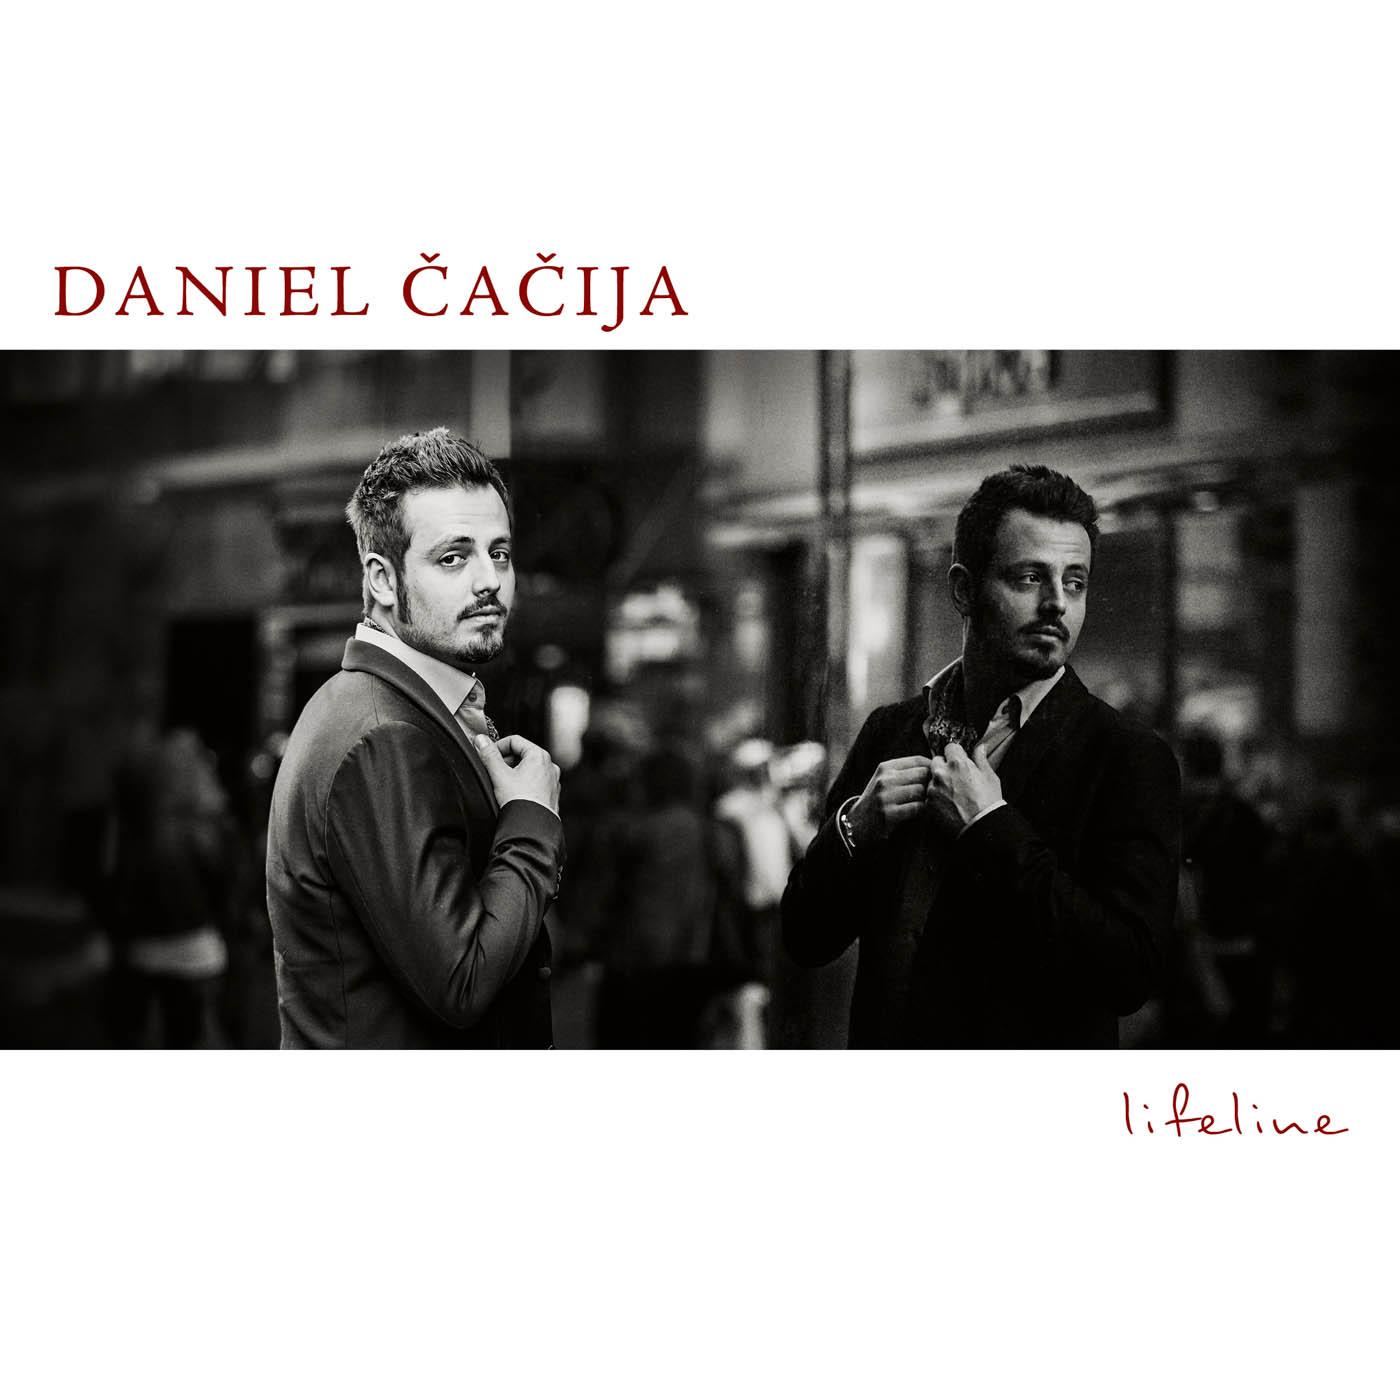 Daniel Cacija